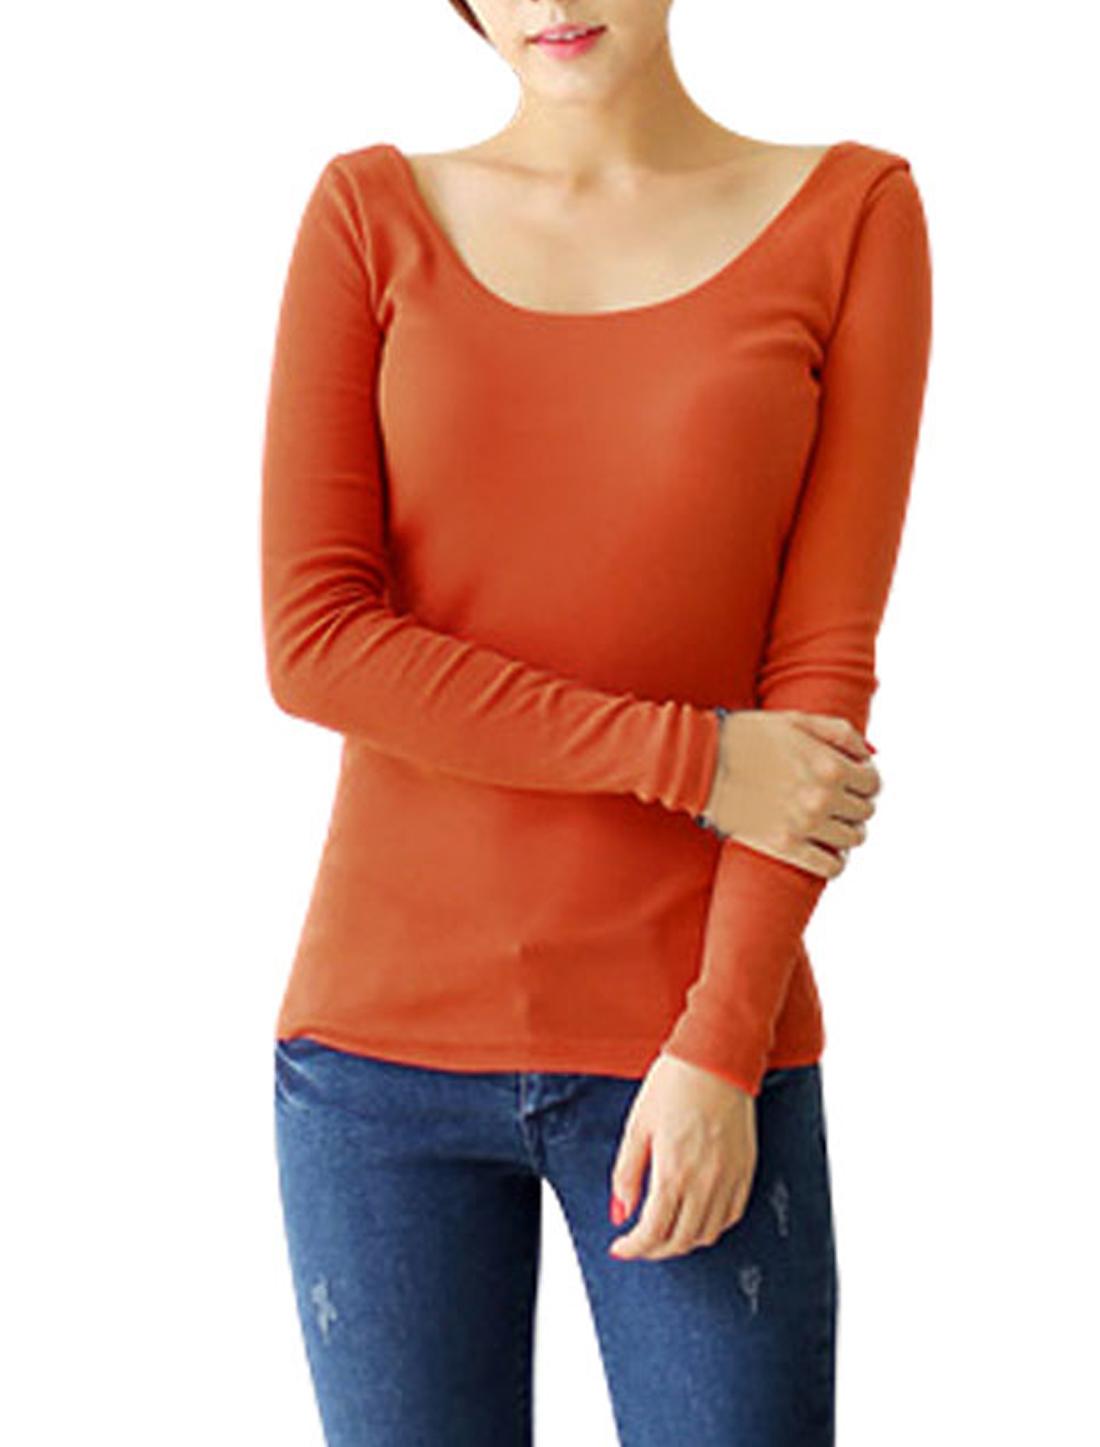 Women Long Sleeve U Neck Close-fitting Casual Shirt Top Orange XS